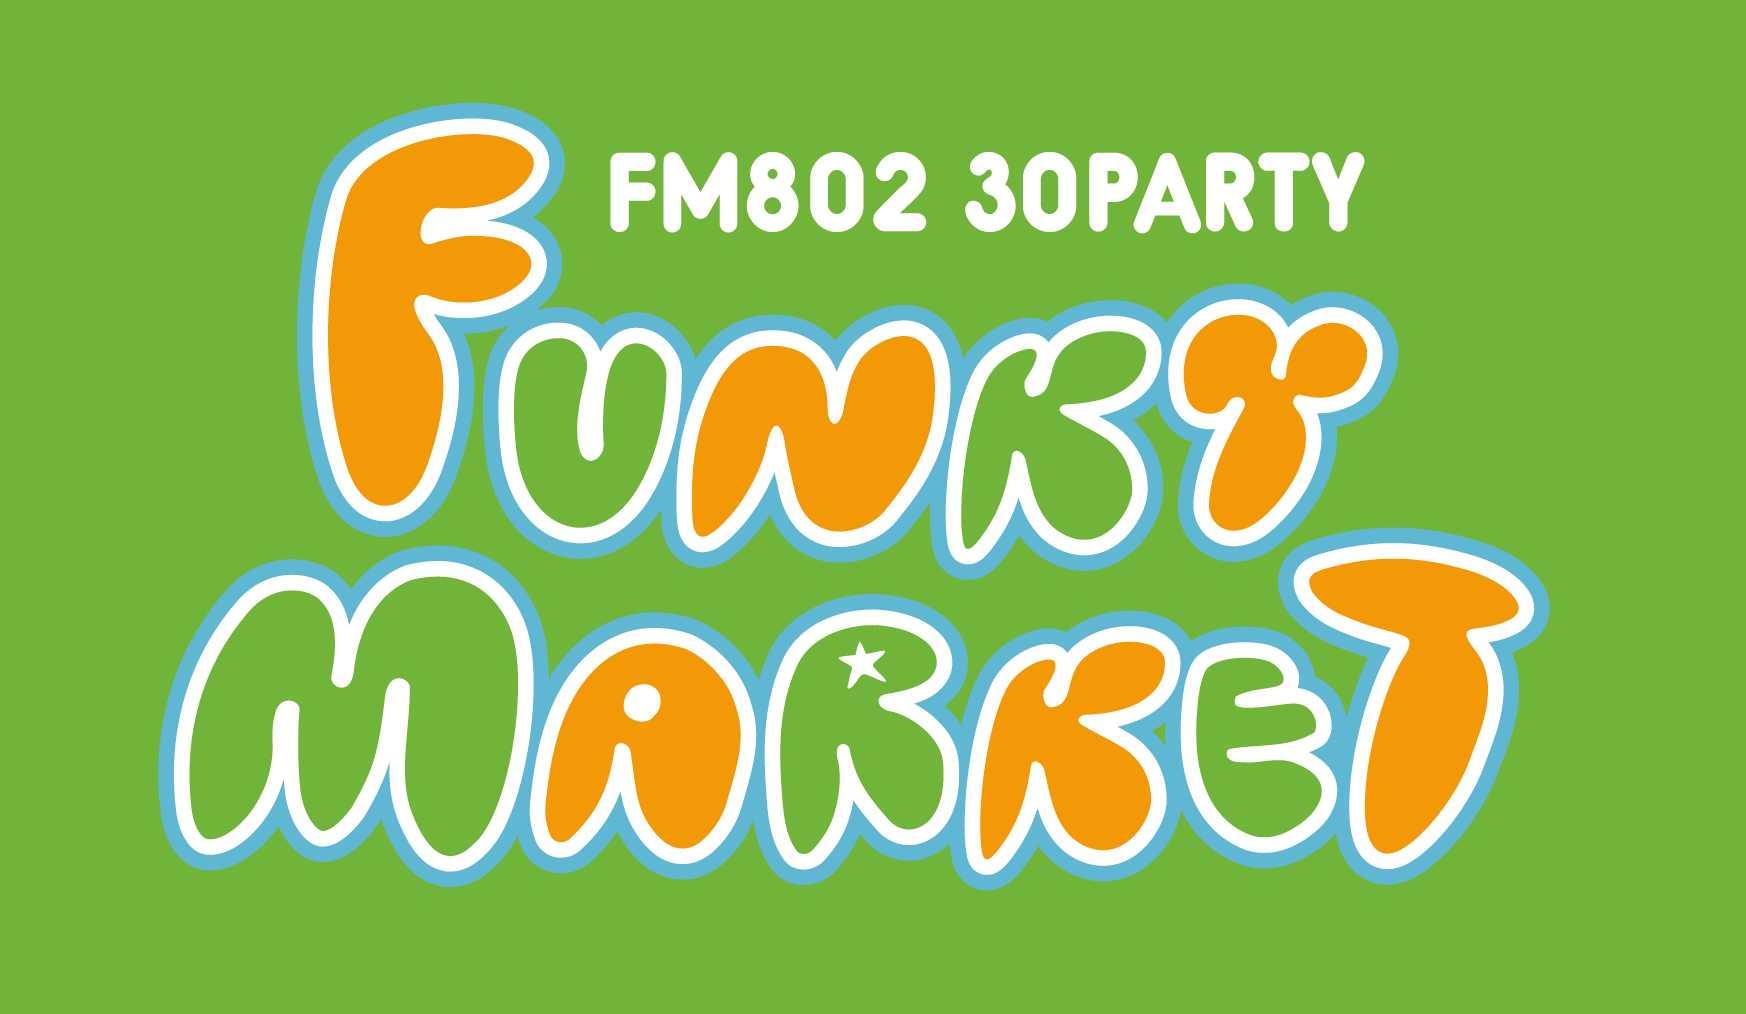 5月3日は万博記念公園へ!FM802 30PARTY FUNKY MARKET